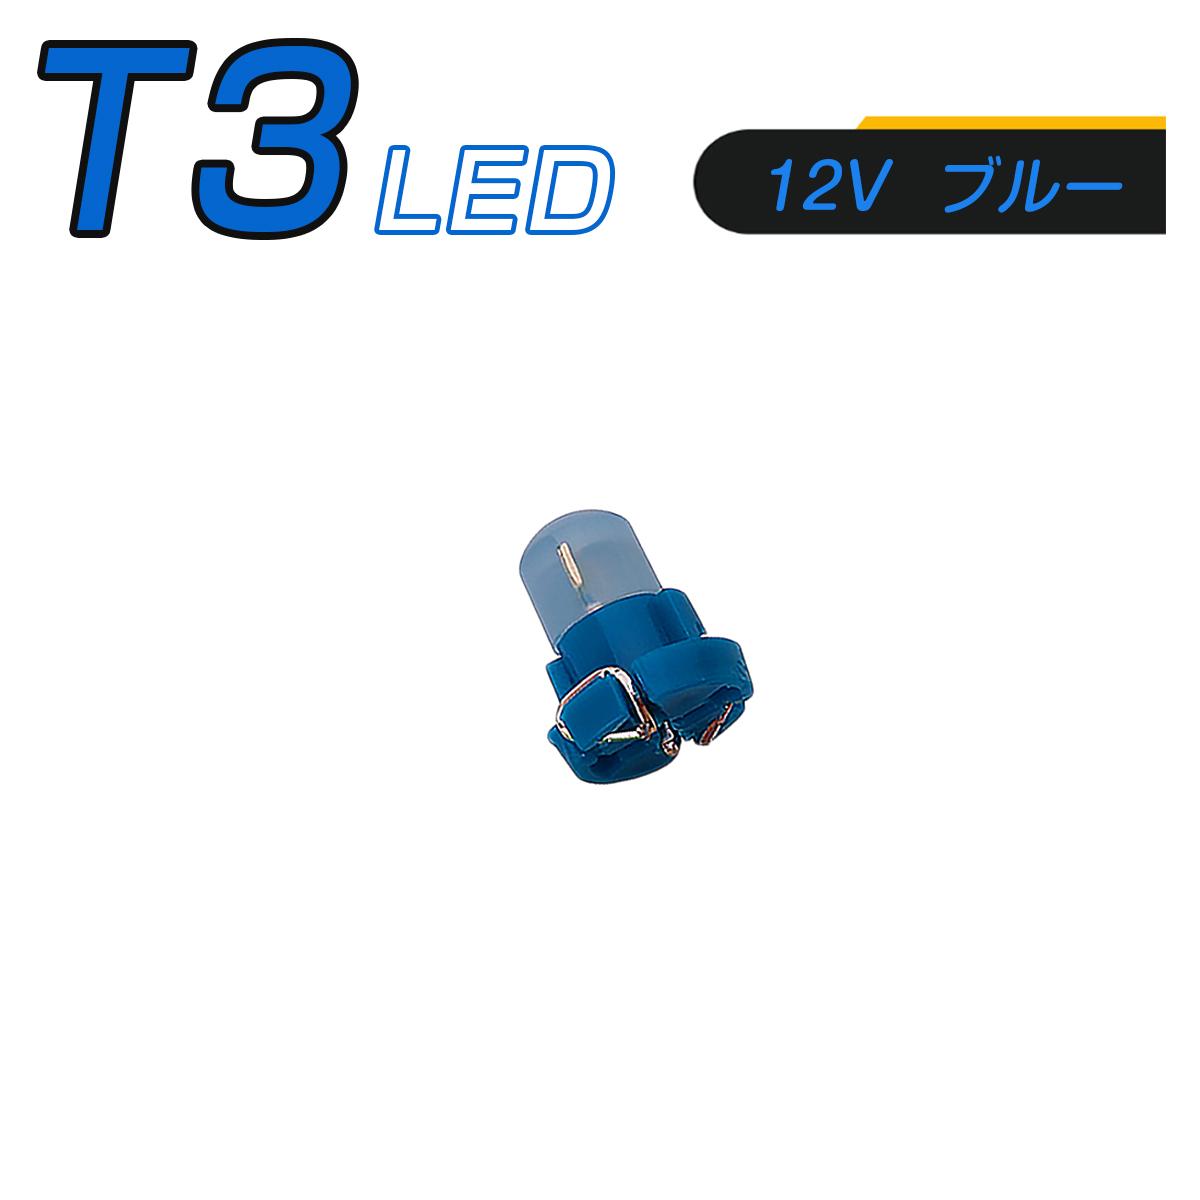 LED T3 SMD 青 メーター球 タコランプ インジケーター エアコンパネル 超拡散 全面発光 2個セット SDM便送料無料 1ヶ月保証